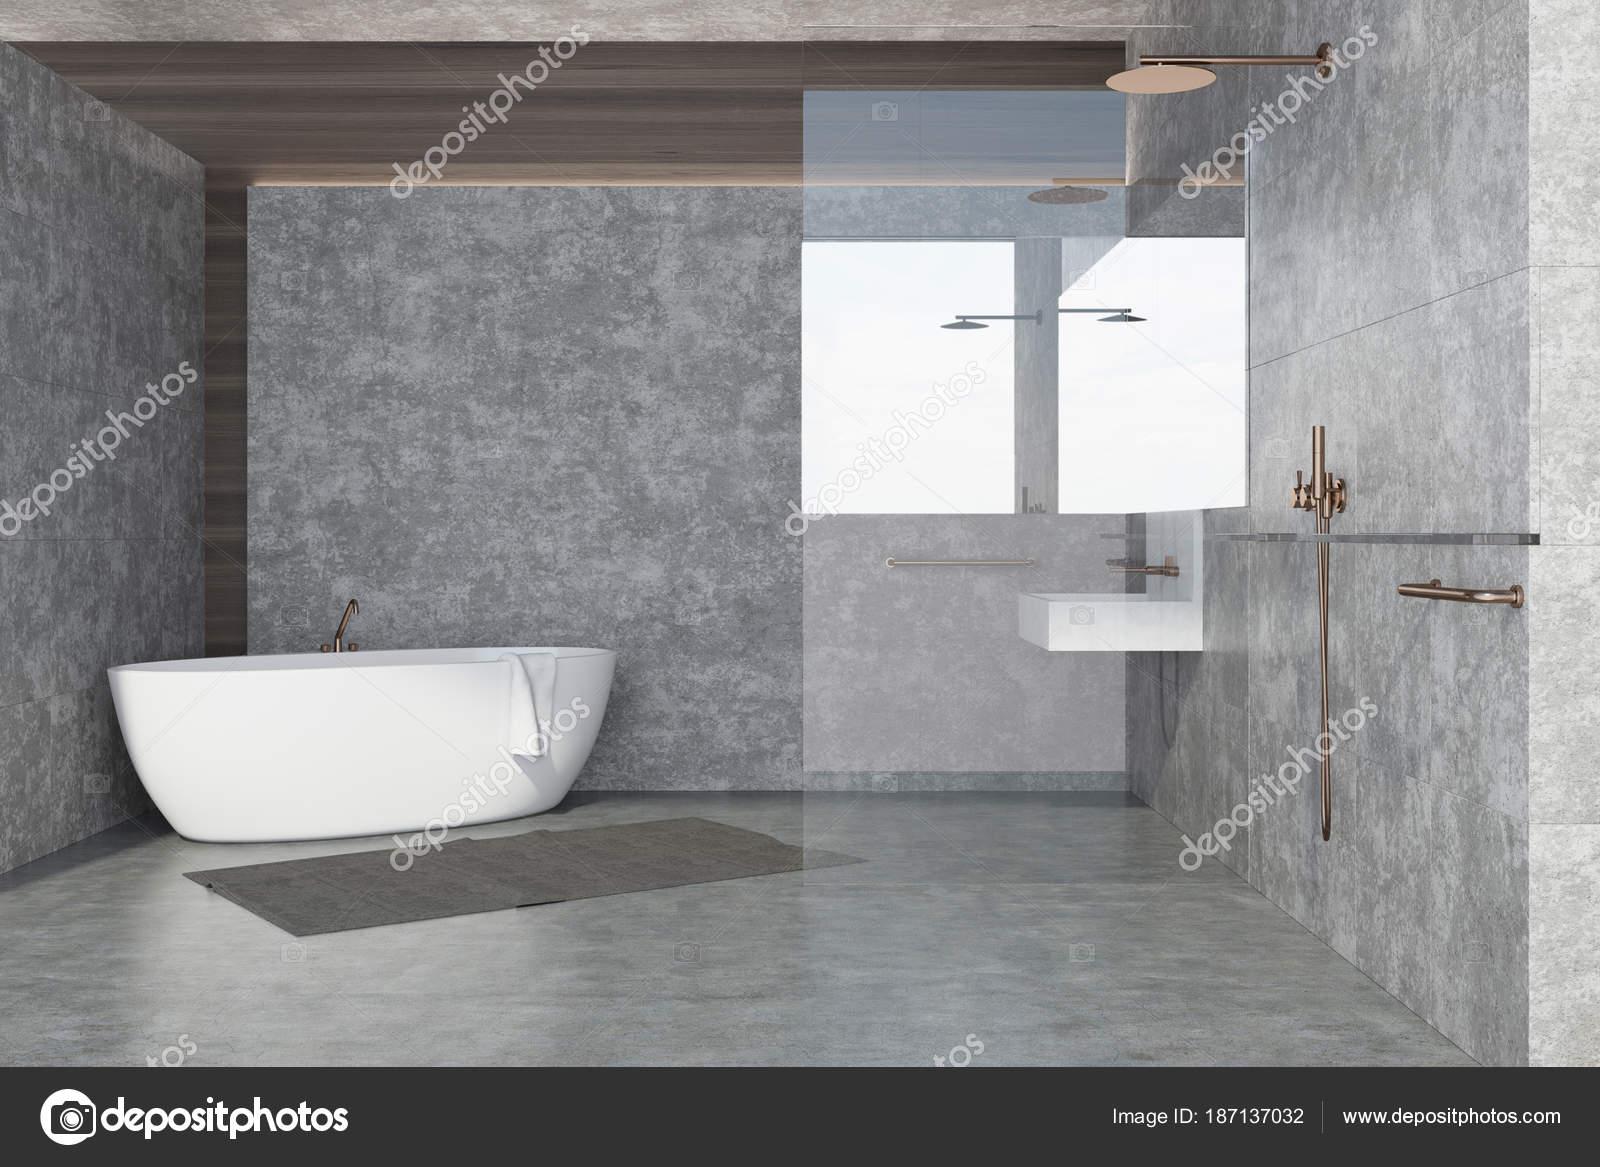 Vasca Da Bagno In Cemento : Vasca da bagno muro di cemento bianco interni u foto stock